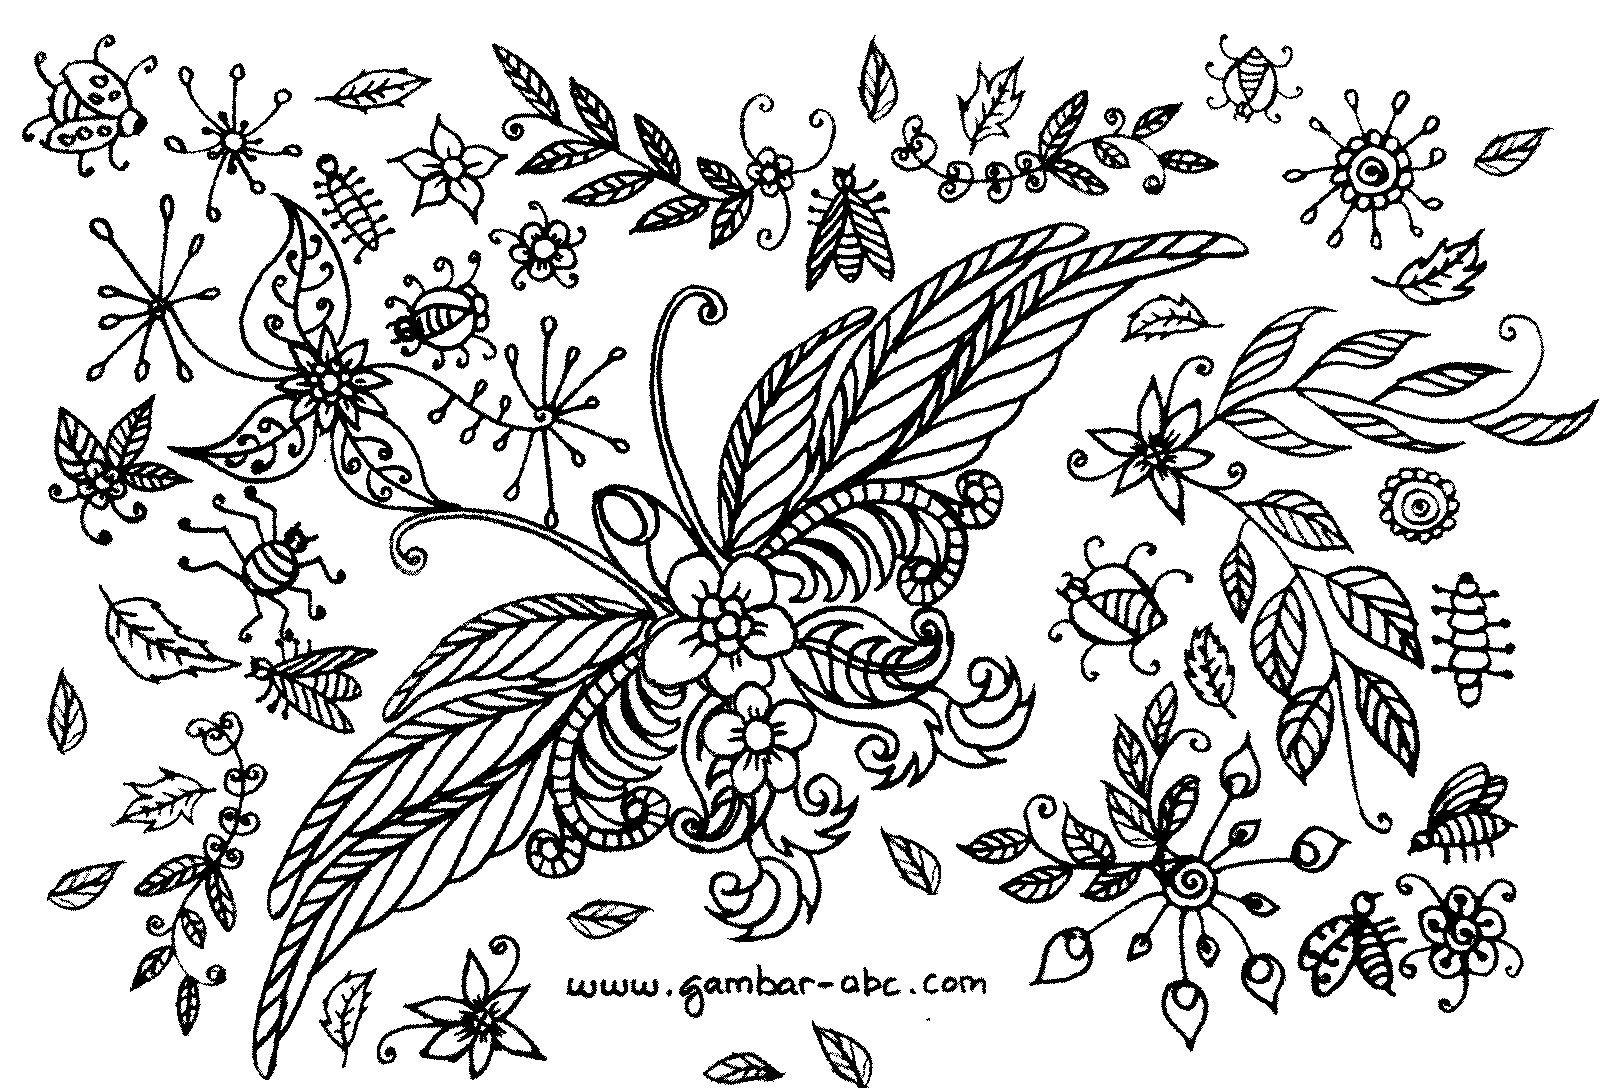 Gambar Motif Batik Bunga Kupu Kupu Motif Bunga Untuk Dewasa